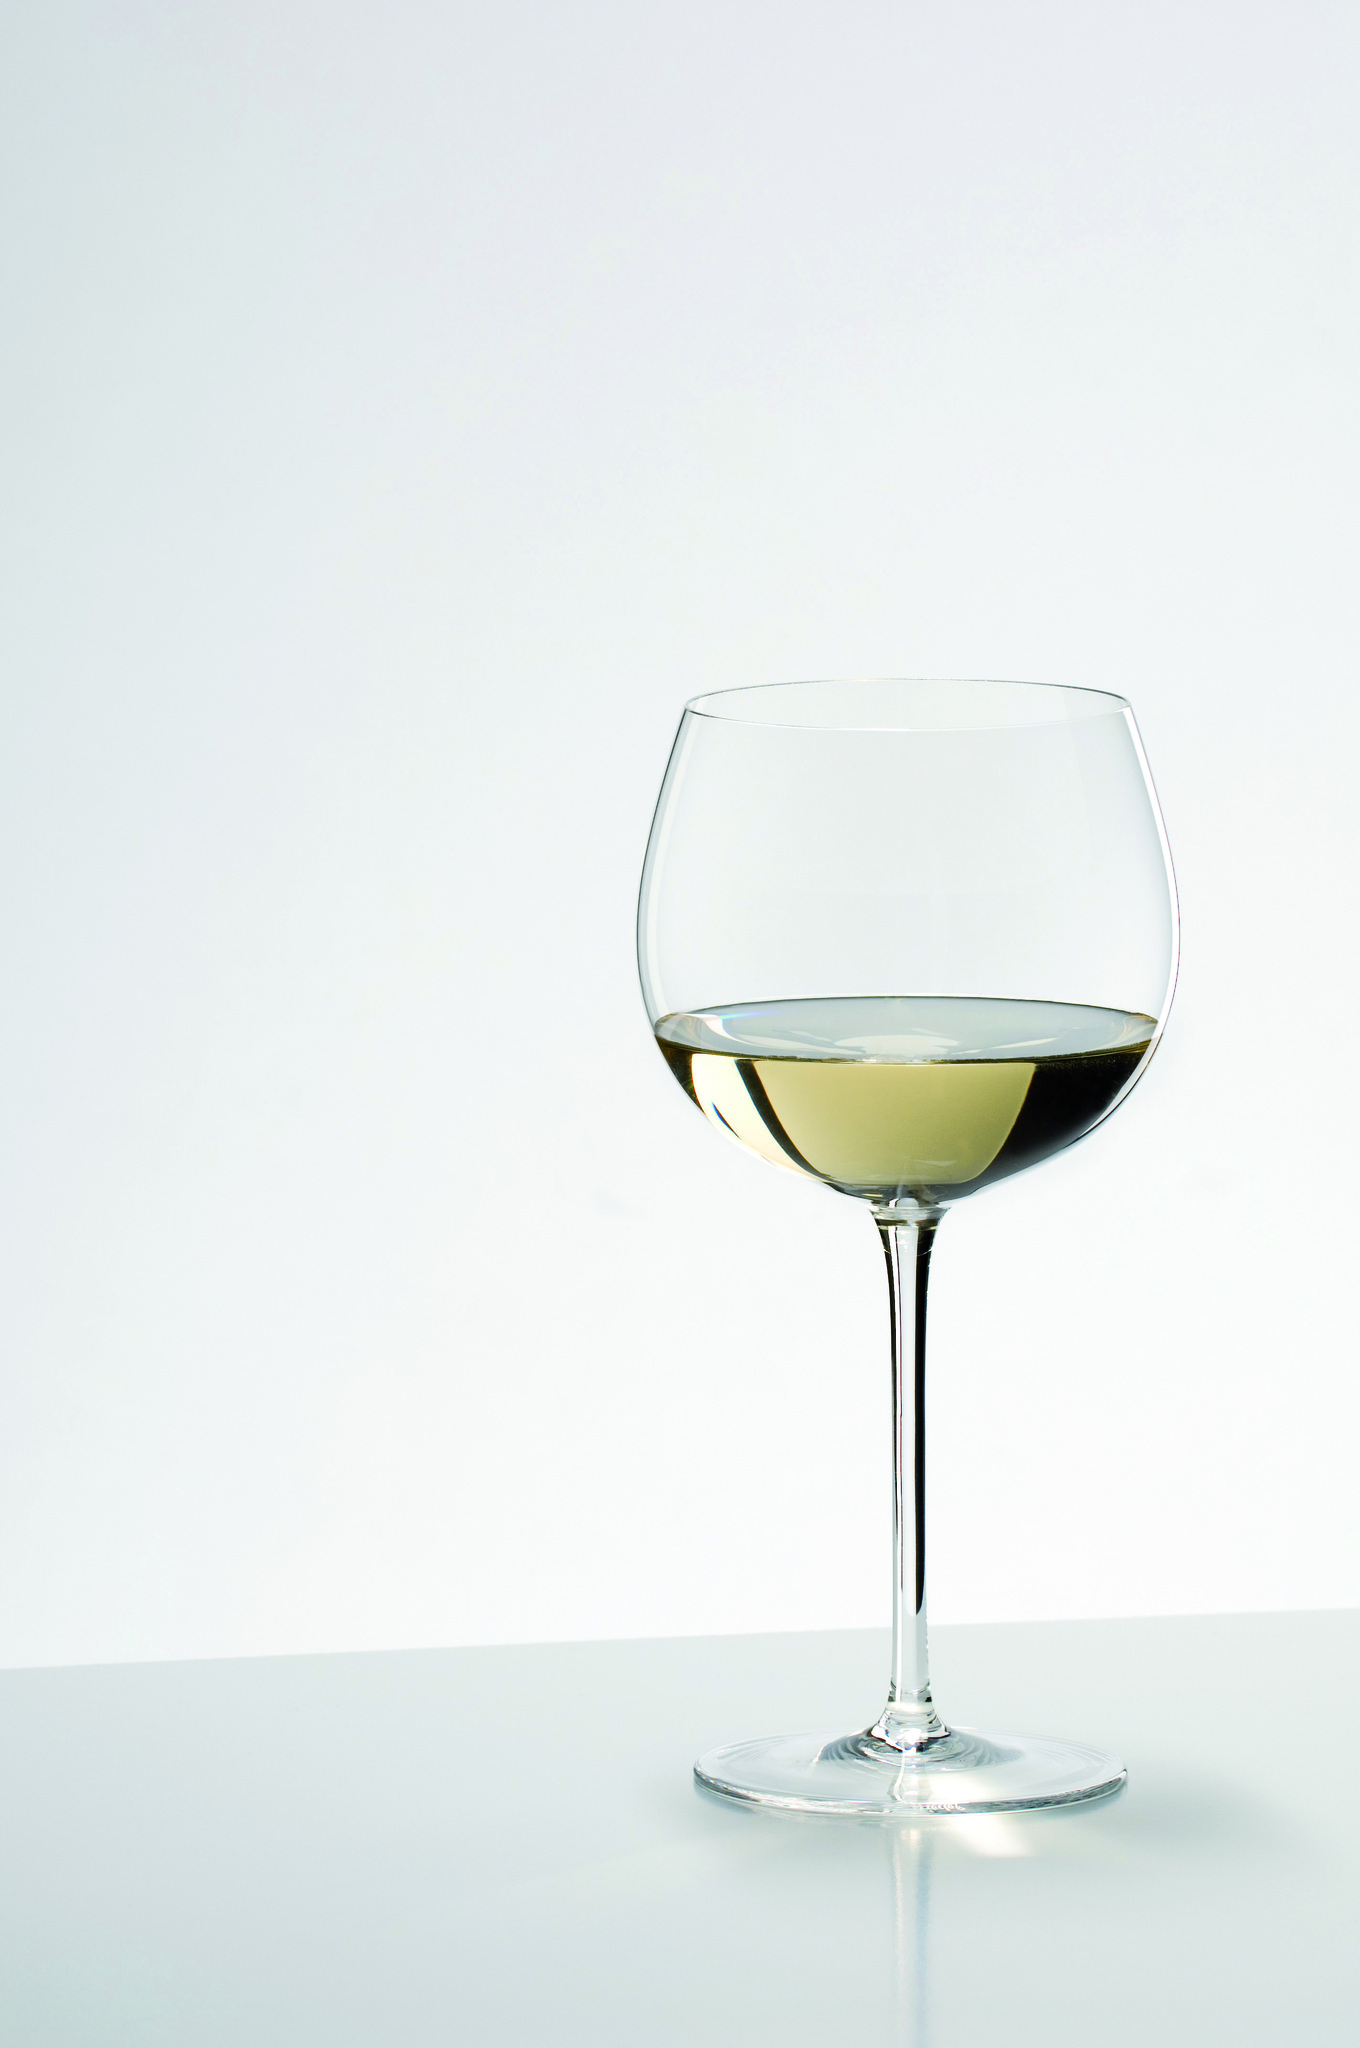 Бокалы Бокал для белого вина 500мл Riedel Sommeliers Montrachet Хрустальное стекло bokal-dlya-belogo-vina-500-ml-riedel-montrachet-avstriya.jpg